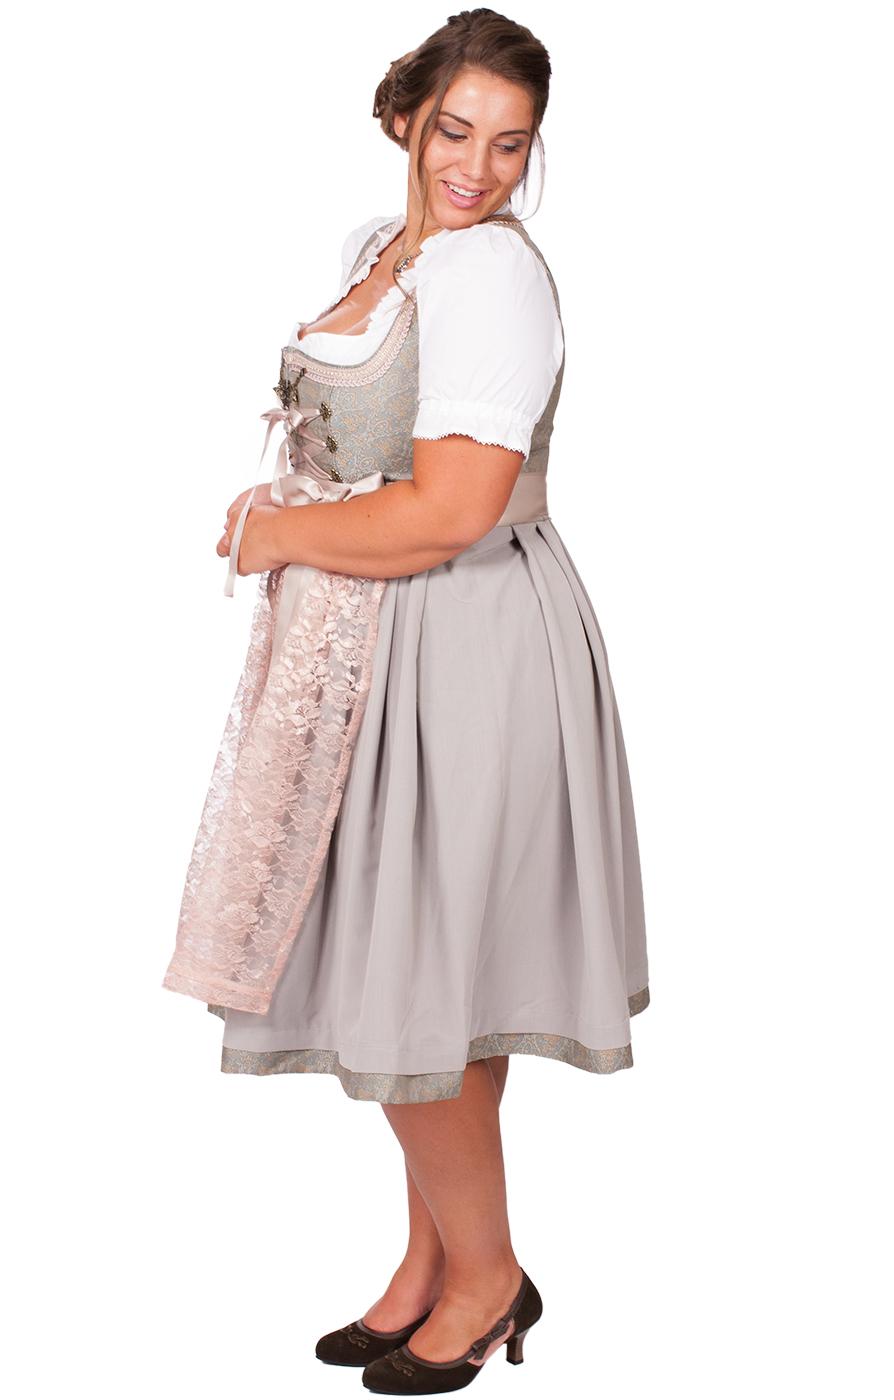 weitere Bilder von Mididirndl Rosabella 2tlg. 68cm PLUS SIZE rosa grau